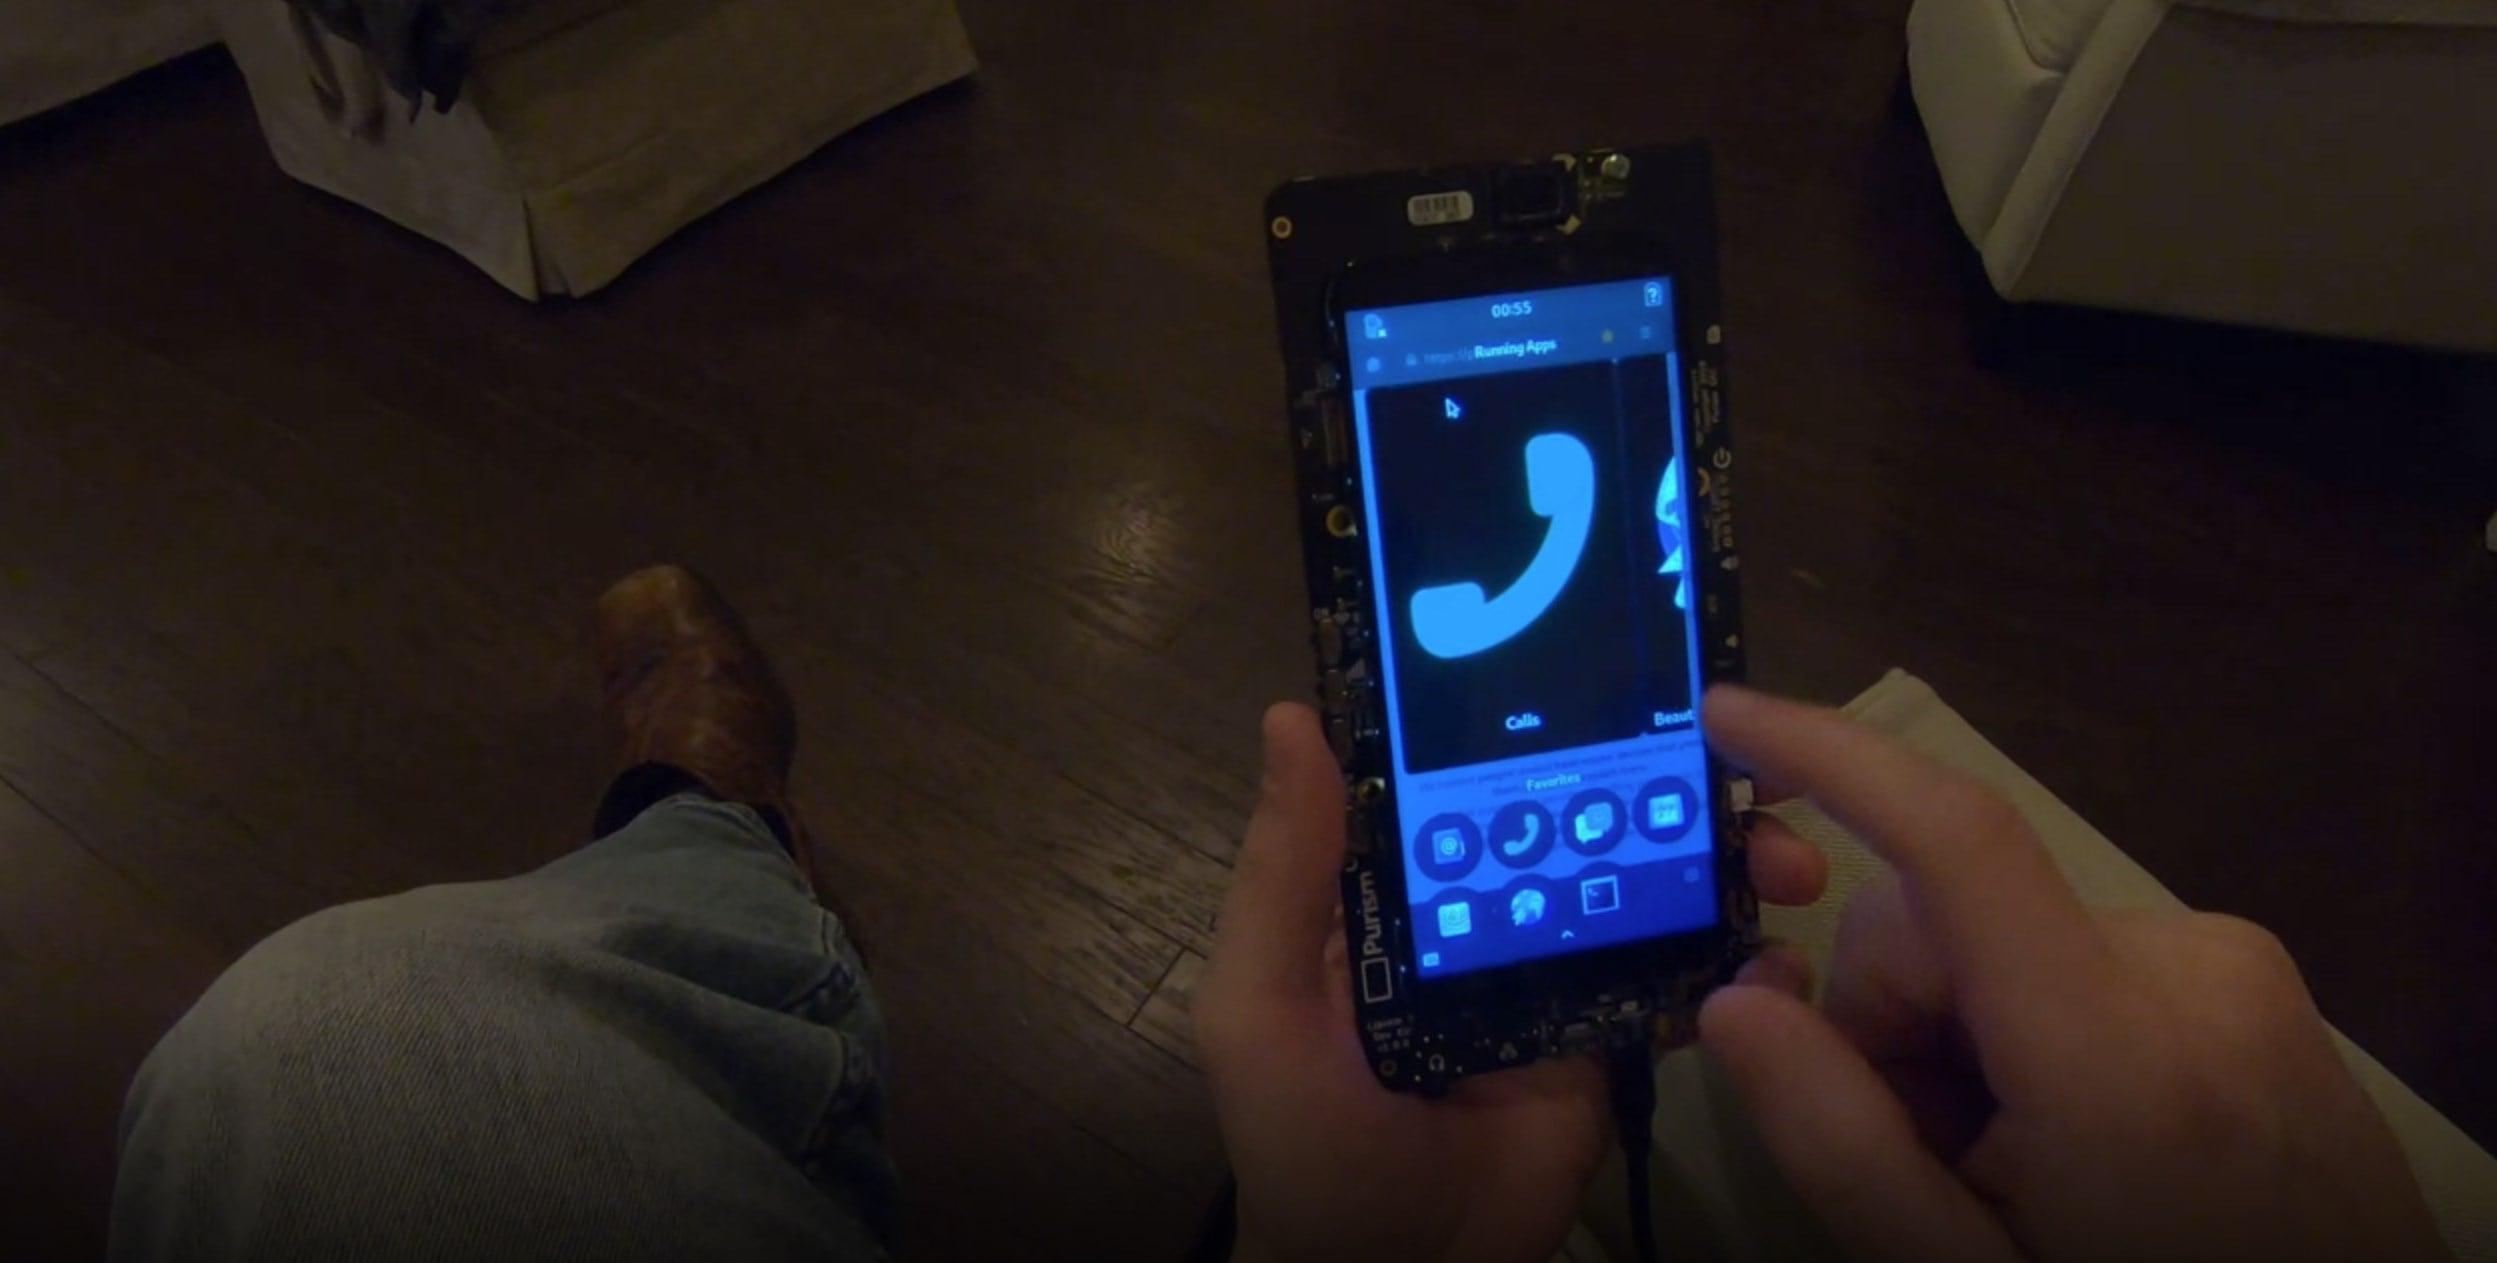 Projekt Librem 5: znamy pełną specyfikację, producent ponownie opóźnił dostawę smartfona 18